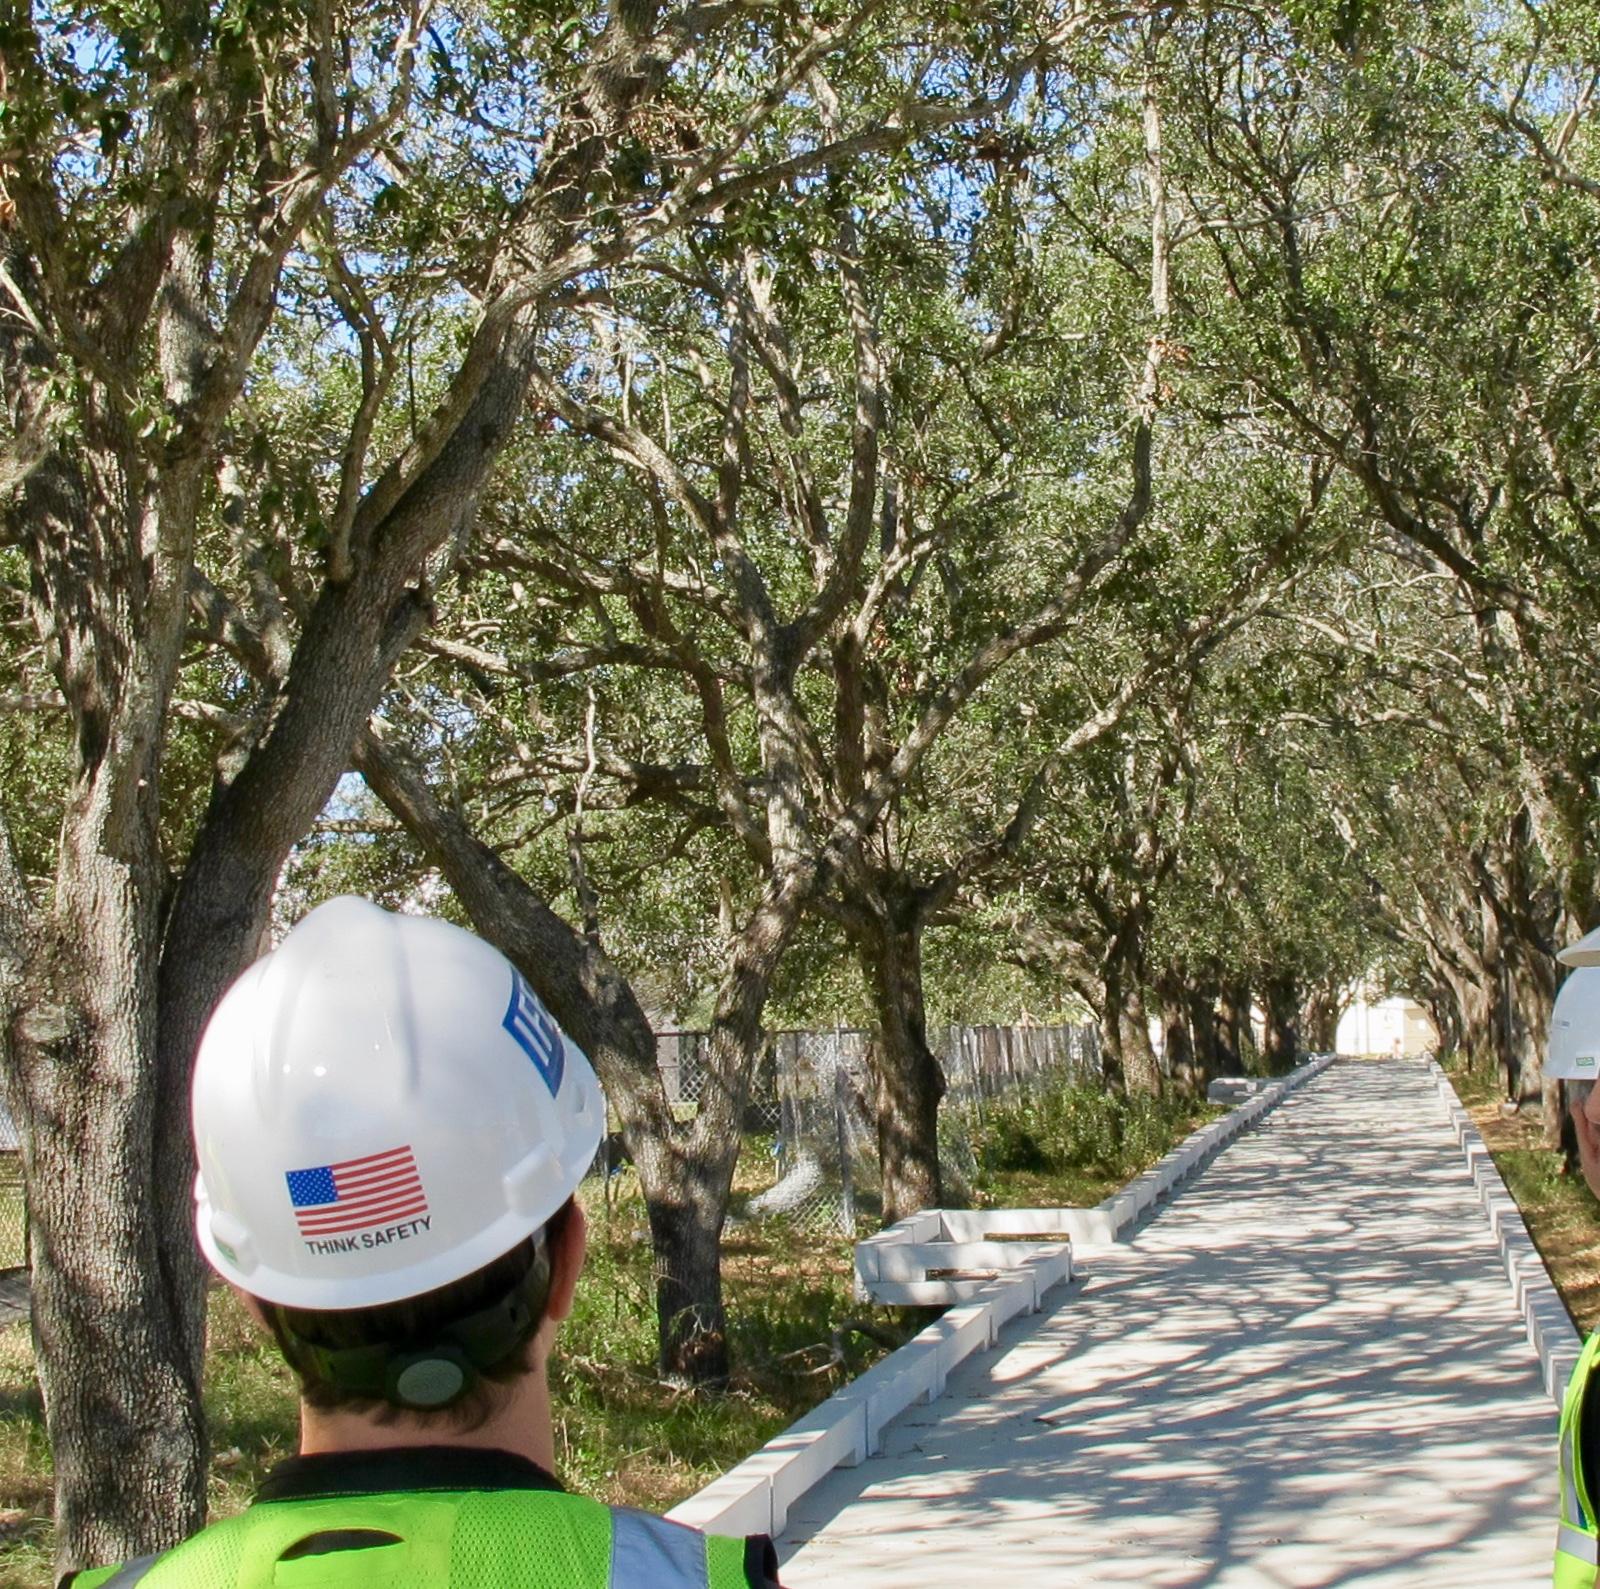 Historic tree walk in process @JBL Riverfront Park